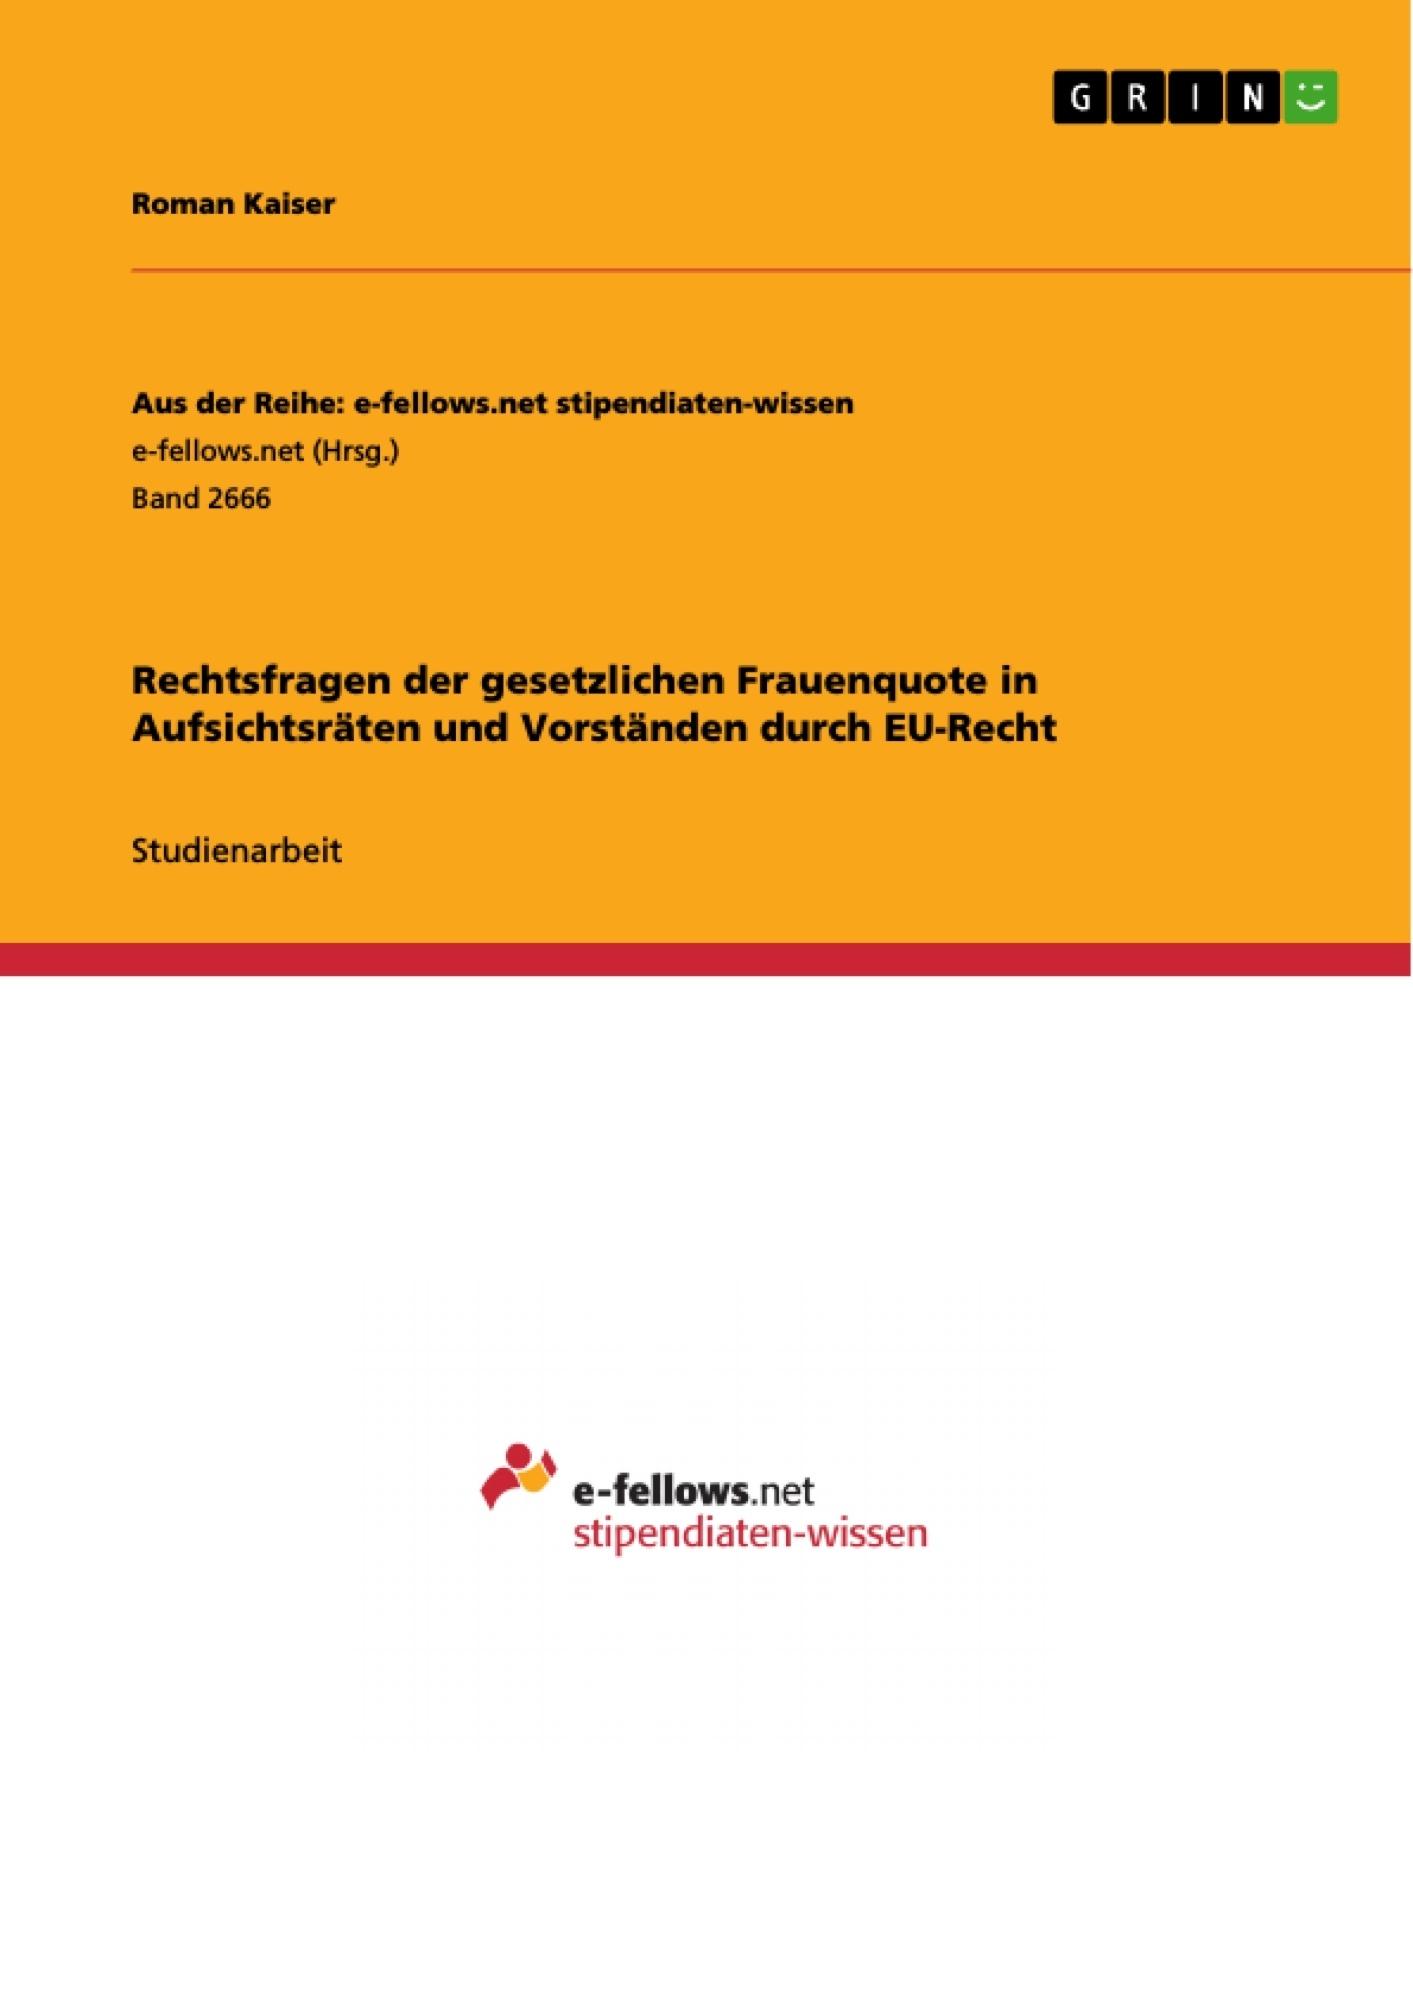 Titel: Rechtsfragen der gesetzlichen Frauenquote in Aufsichtsräten und Vorständen durch EU-Recht